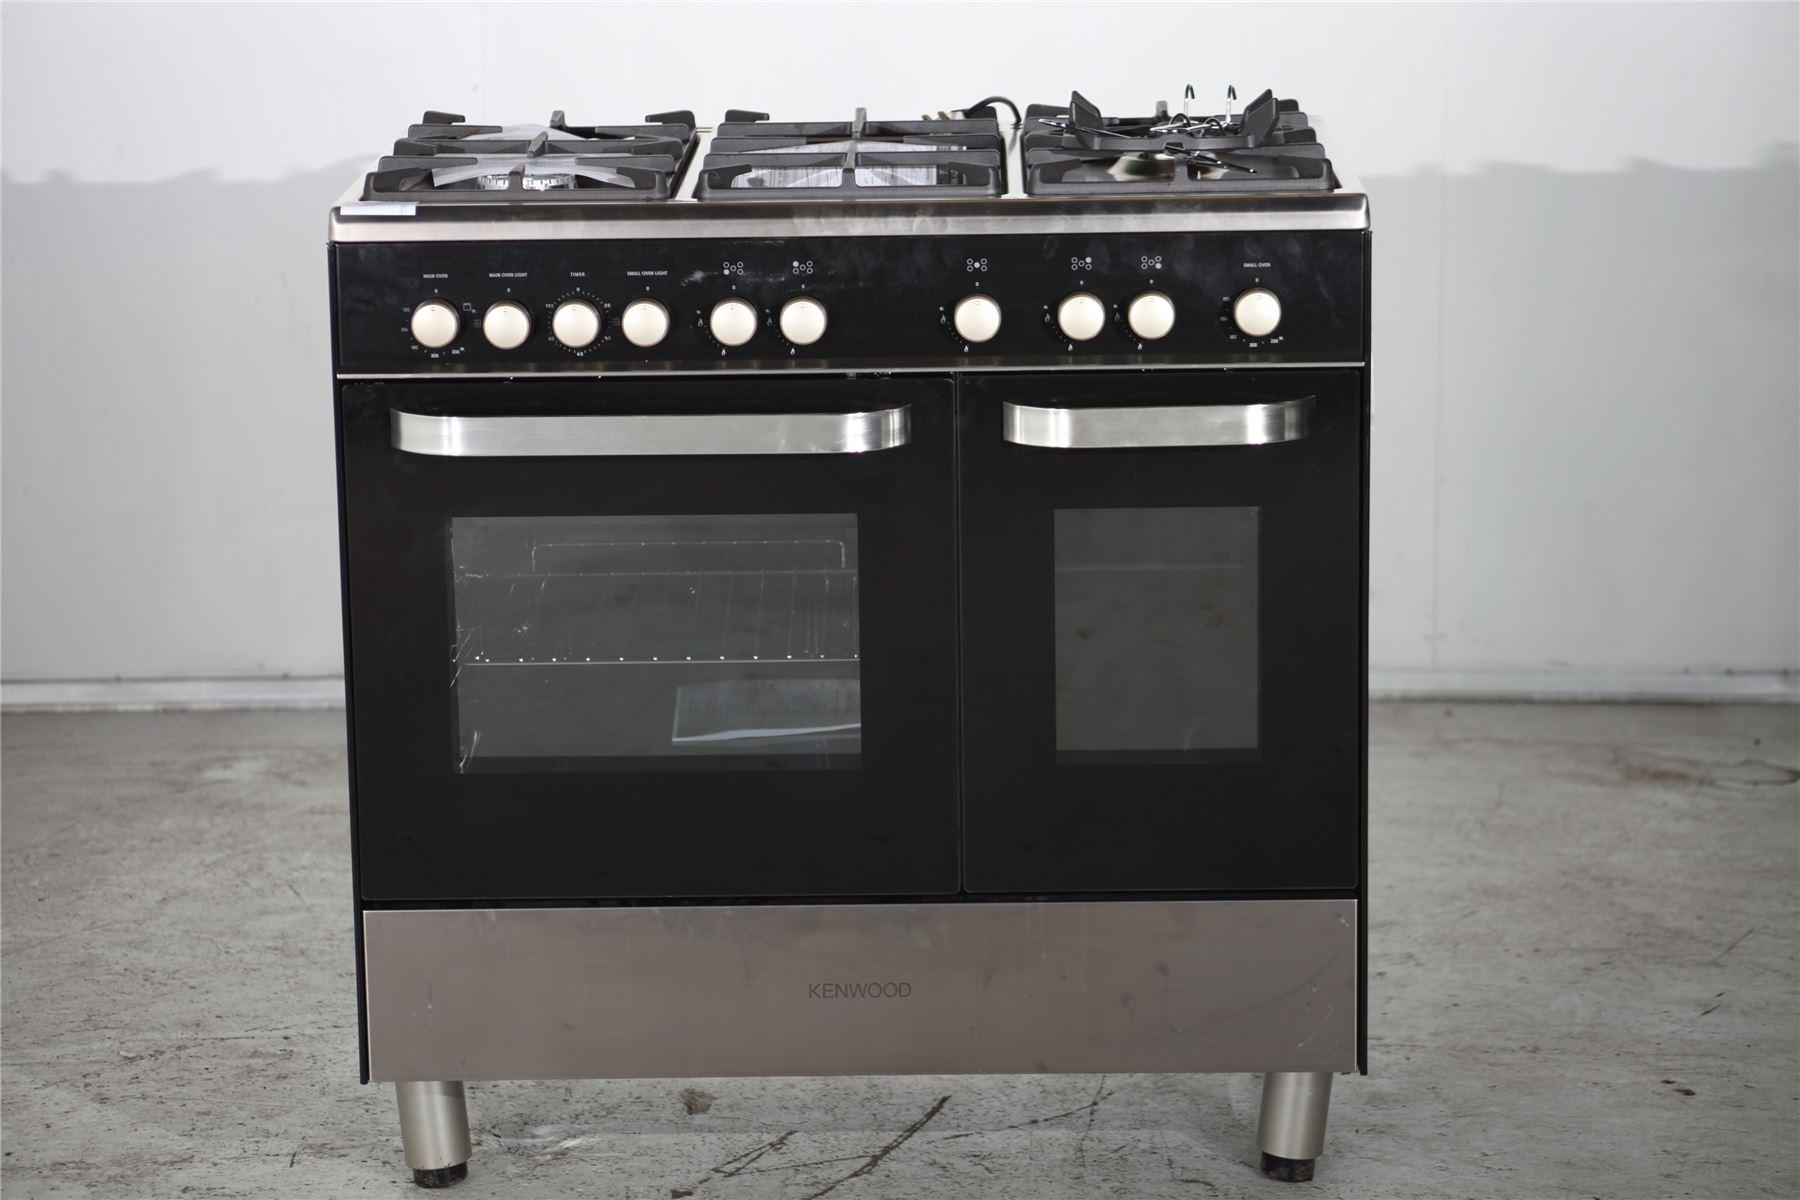 Preloved Kenwood Range Gas Cooker Ck405g Black